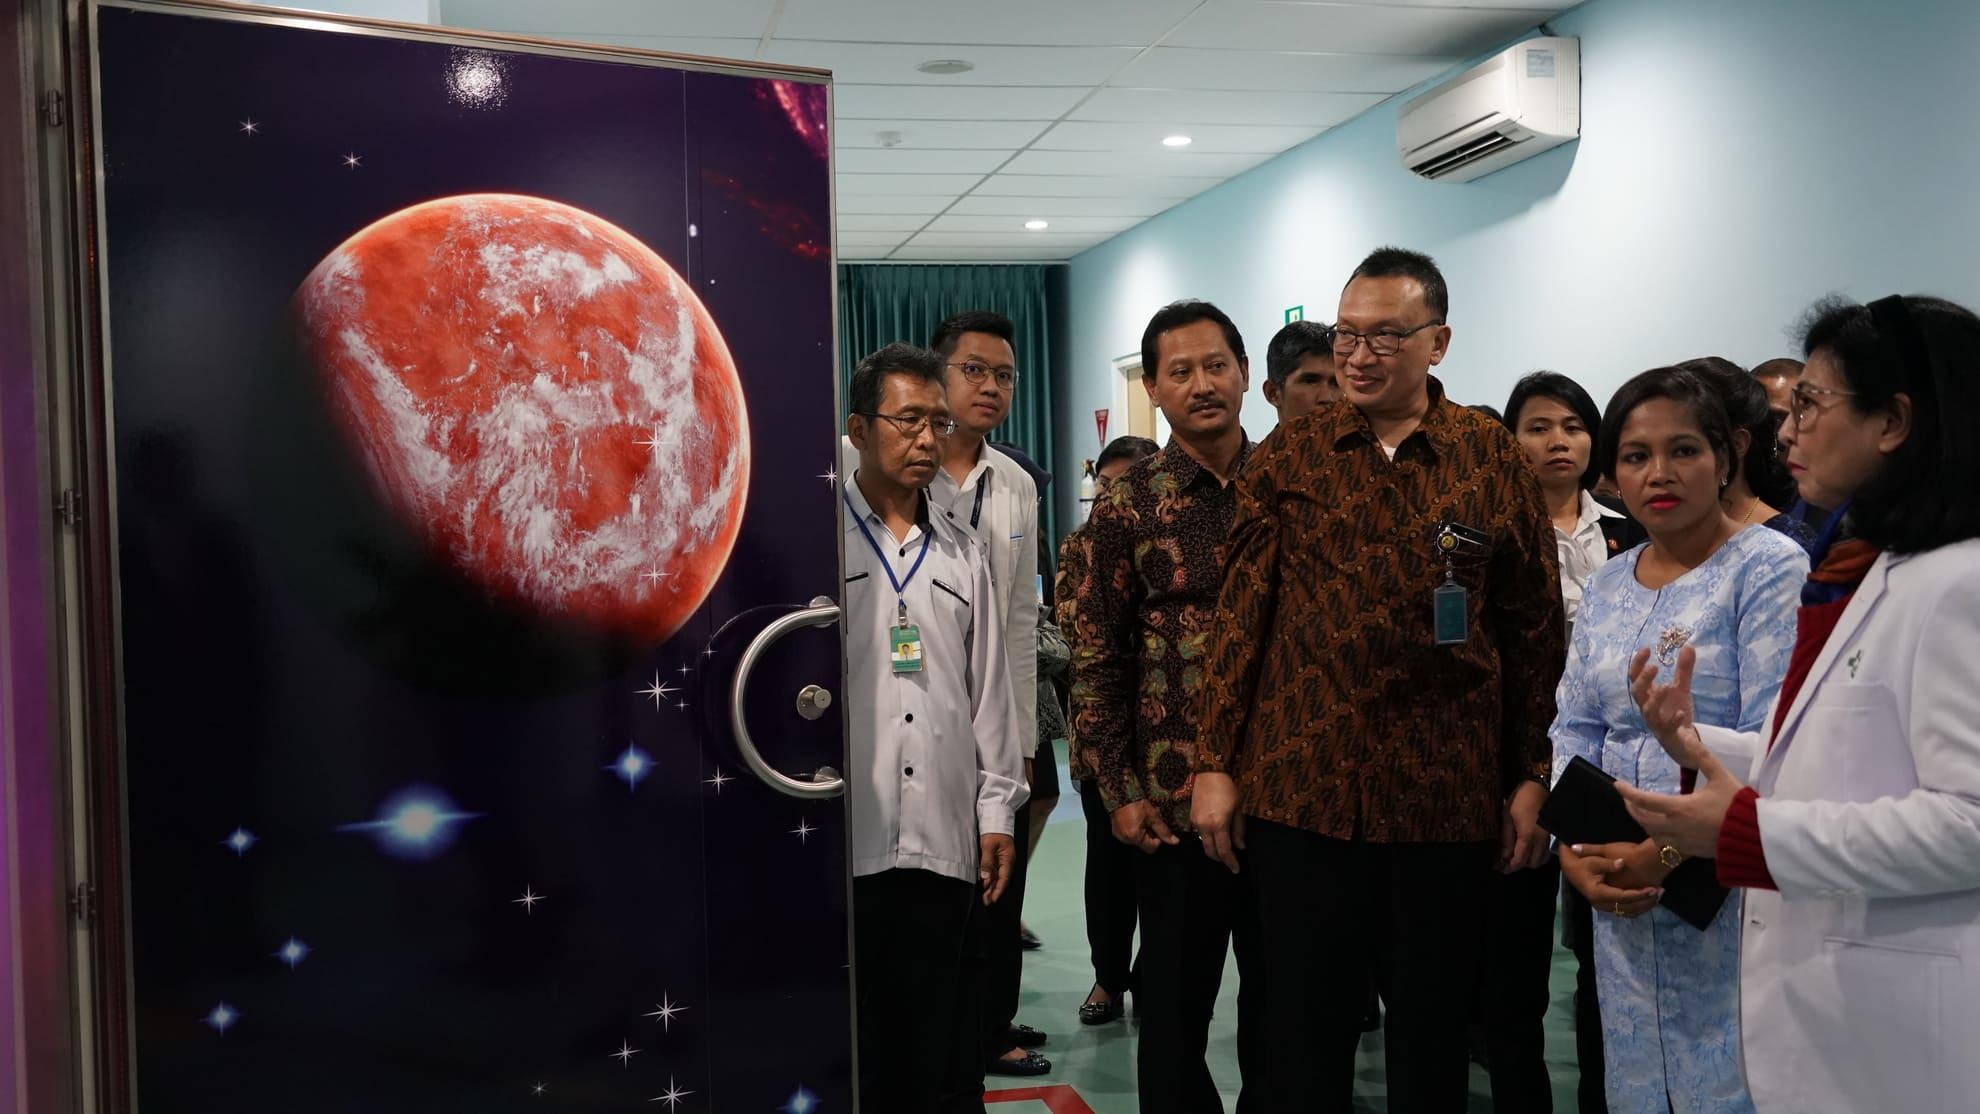 28-6-2018-kunjungan-ibu-negara-timor-leste-ke-ruang-perawatan-di-rsab-harapan-kita-tf-8